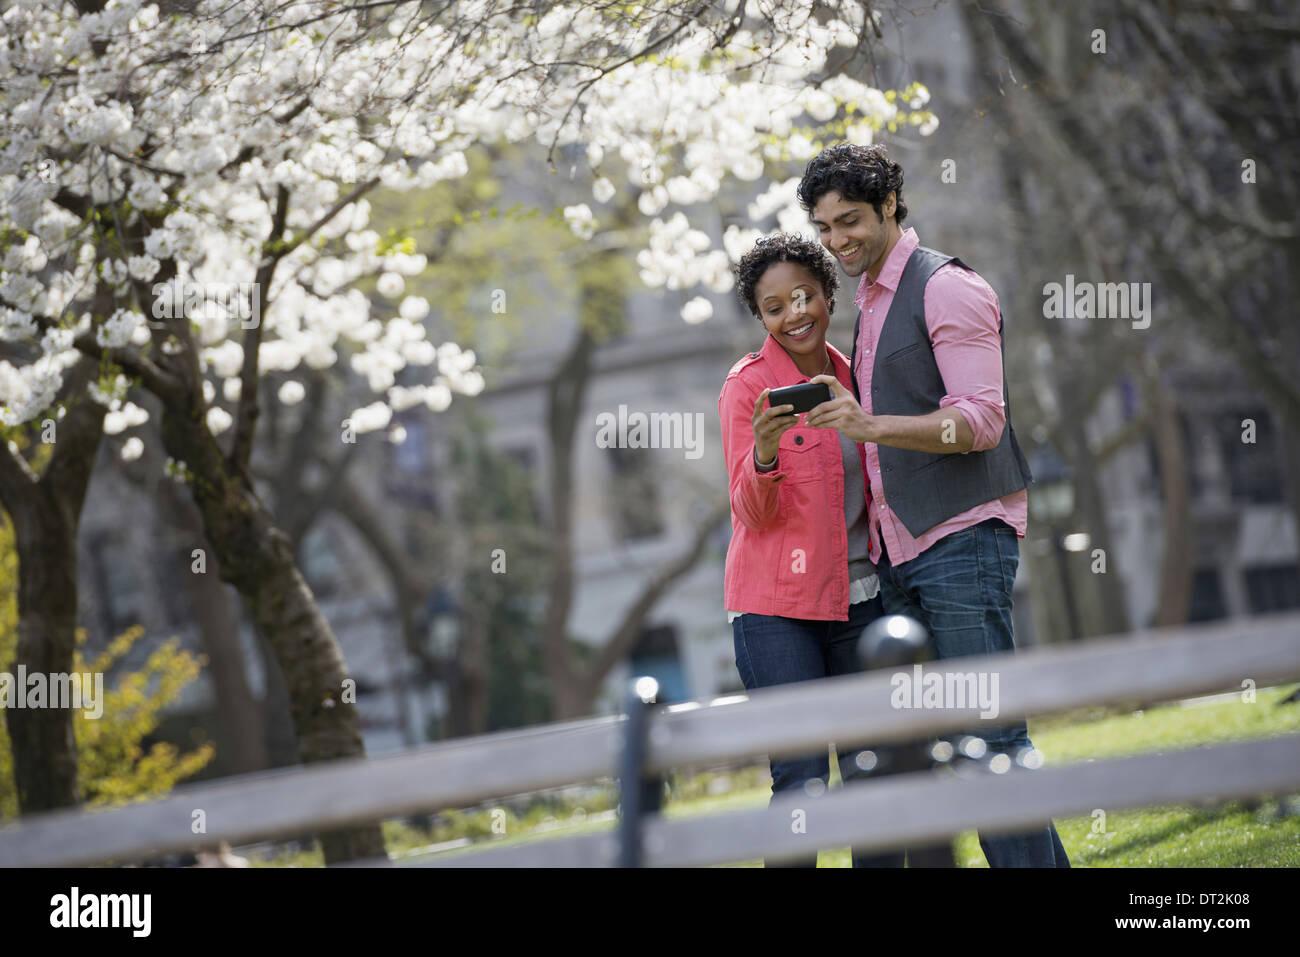 New York City Park A Mann und Frau nebeneinander mit dem Fotografieren mit einer Hand statt Handy Stockbild